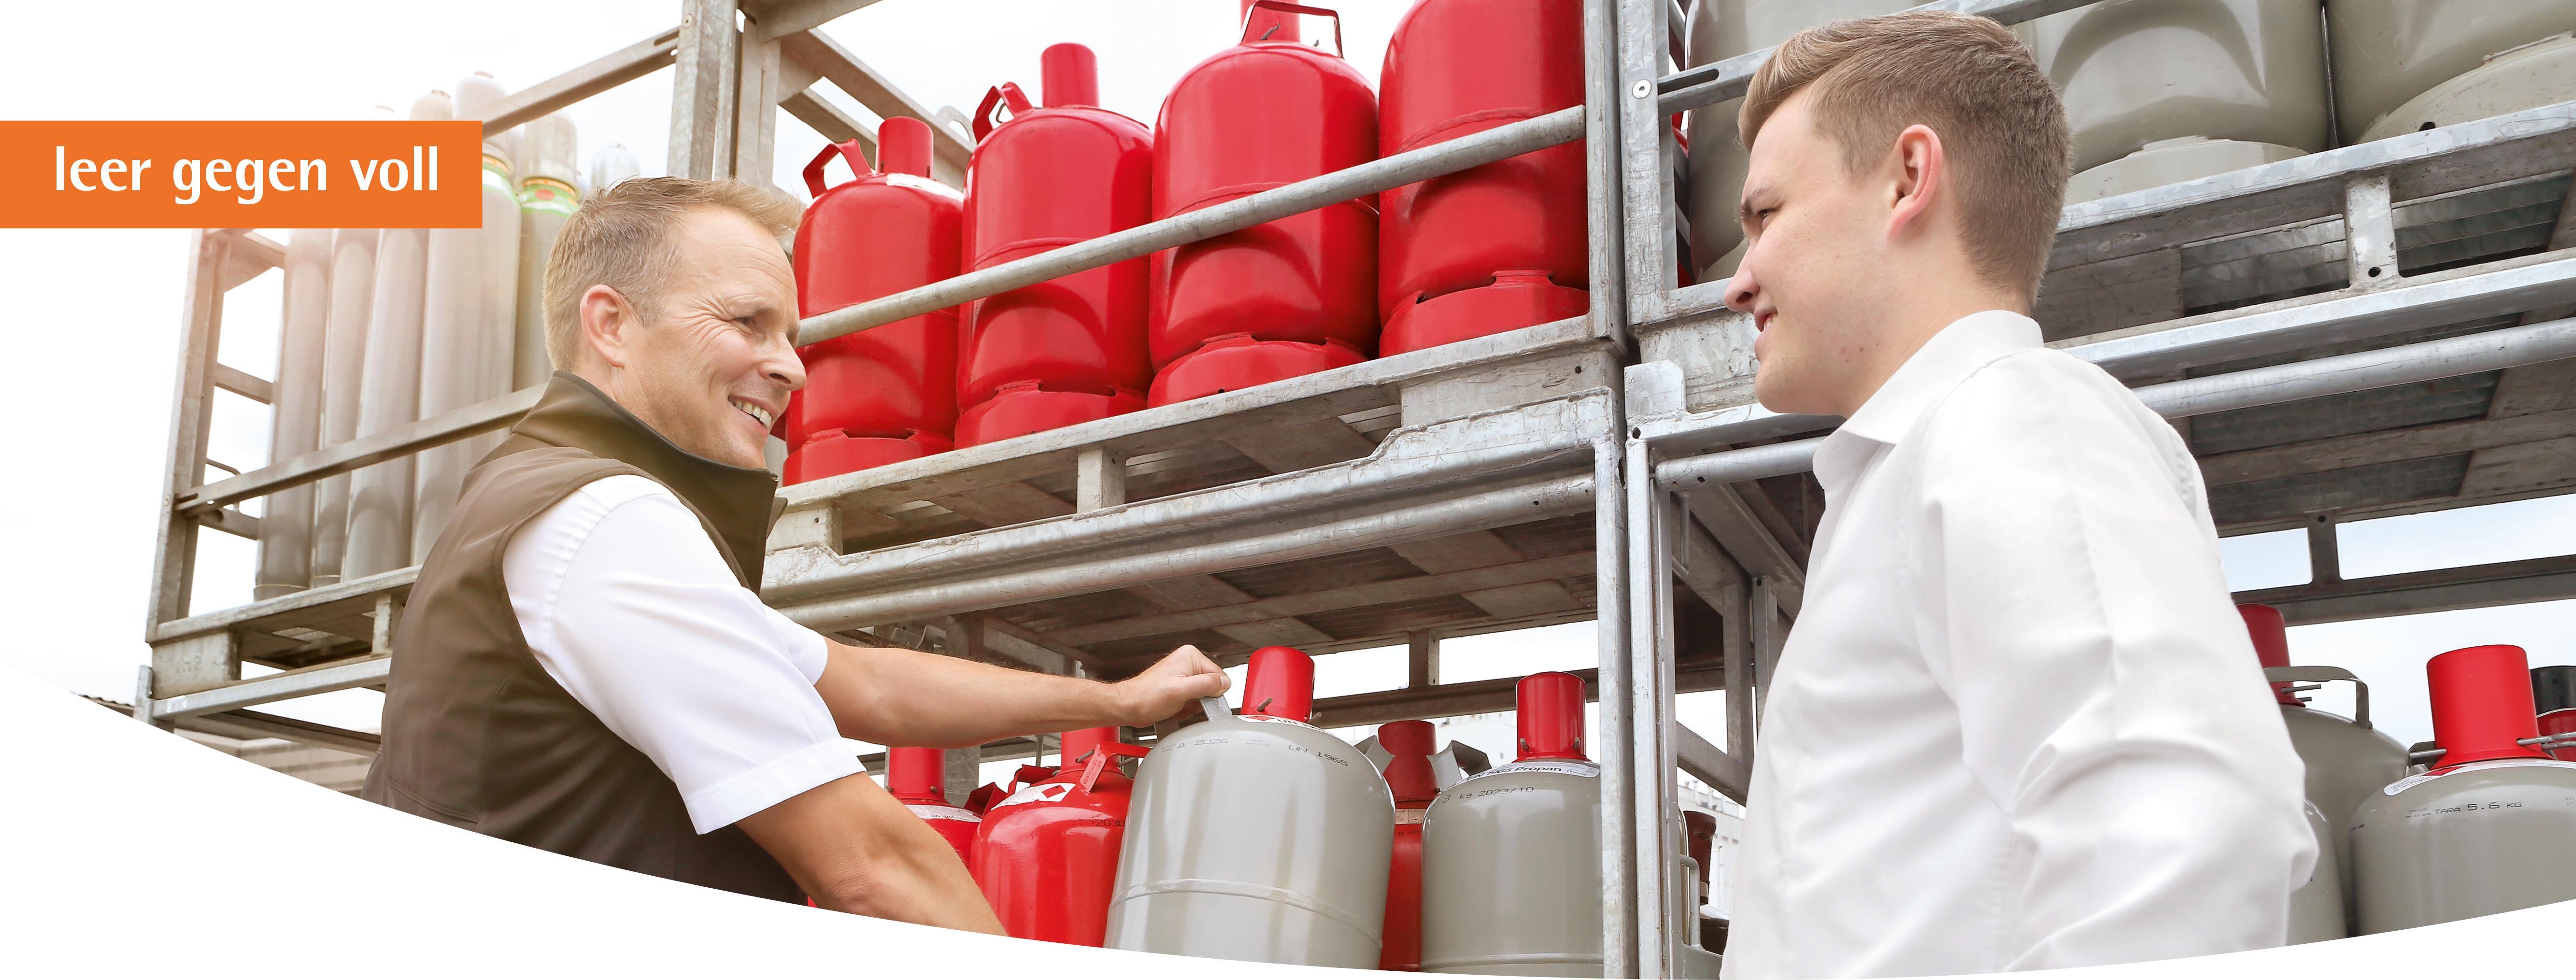 GlobalGas Flaschensysteme beim Händler.